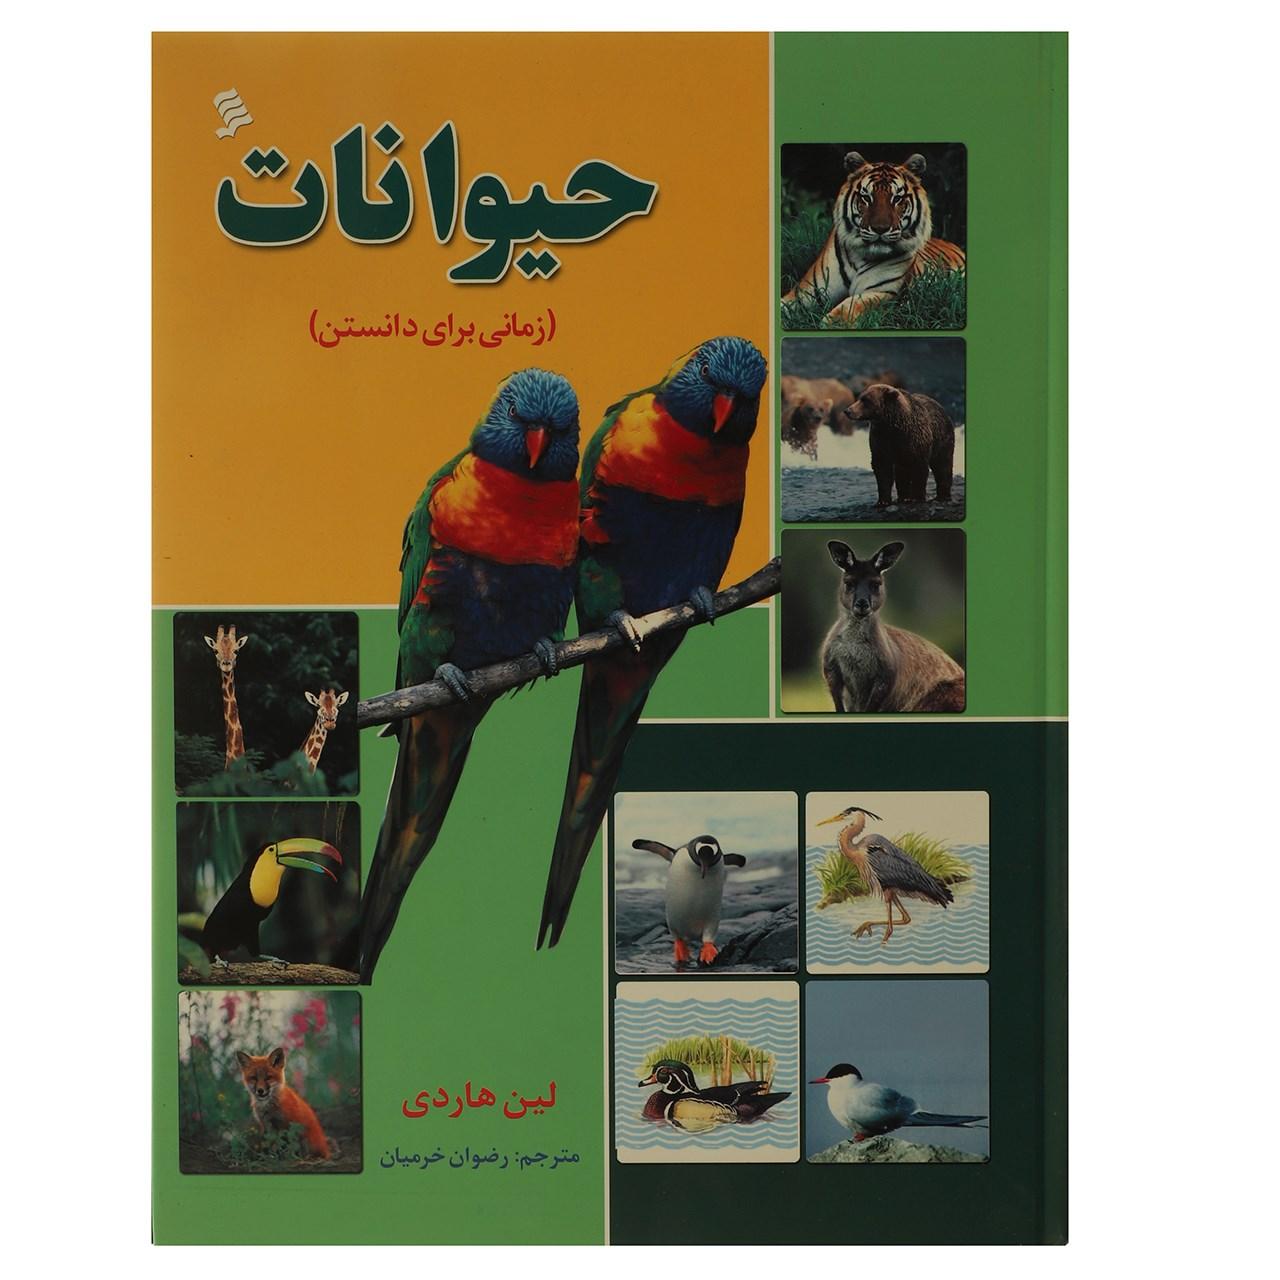 کتاب زمانی برای دانستن حیوانات اثر لین هاردی